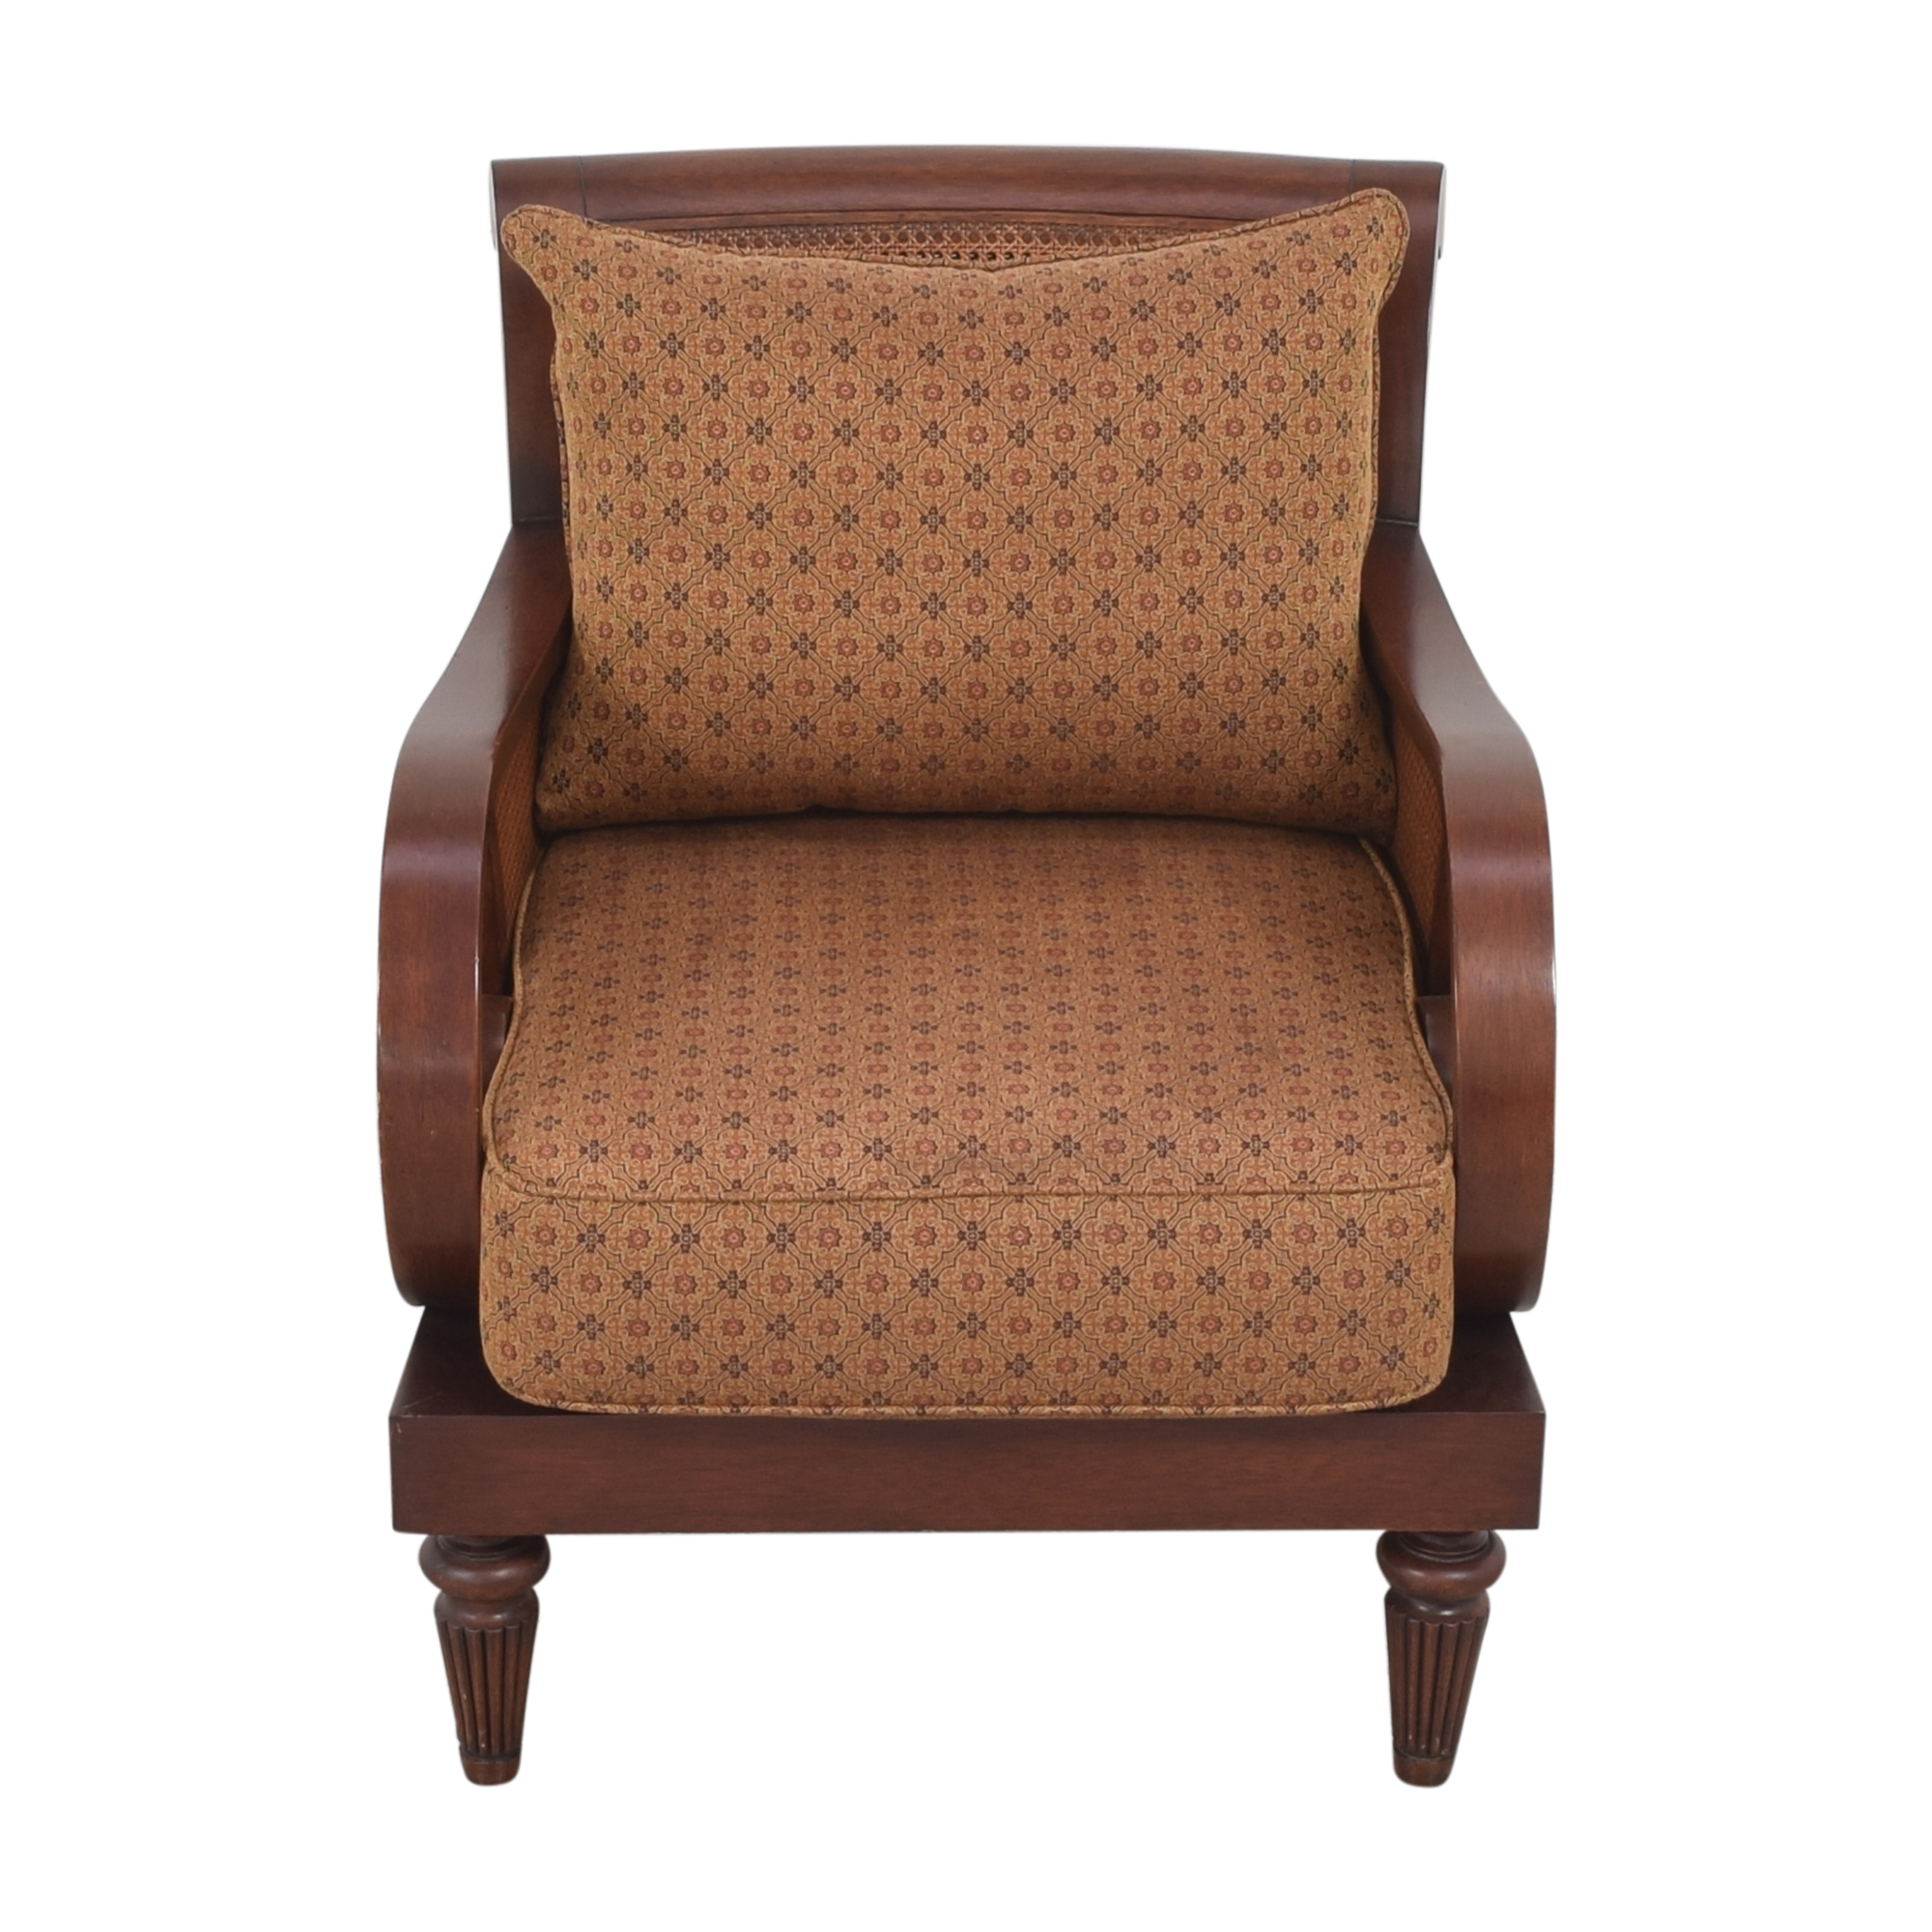 Ethan Allen Ethan Allen Berwick Chair